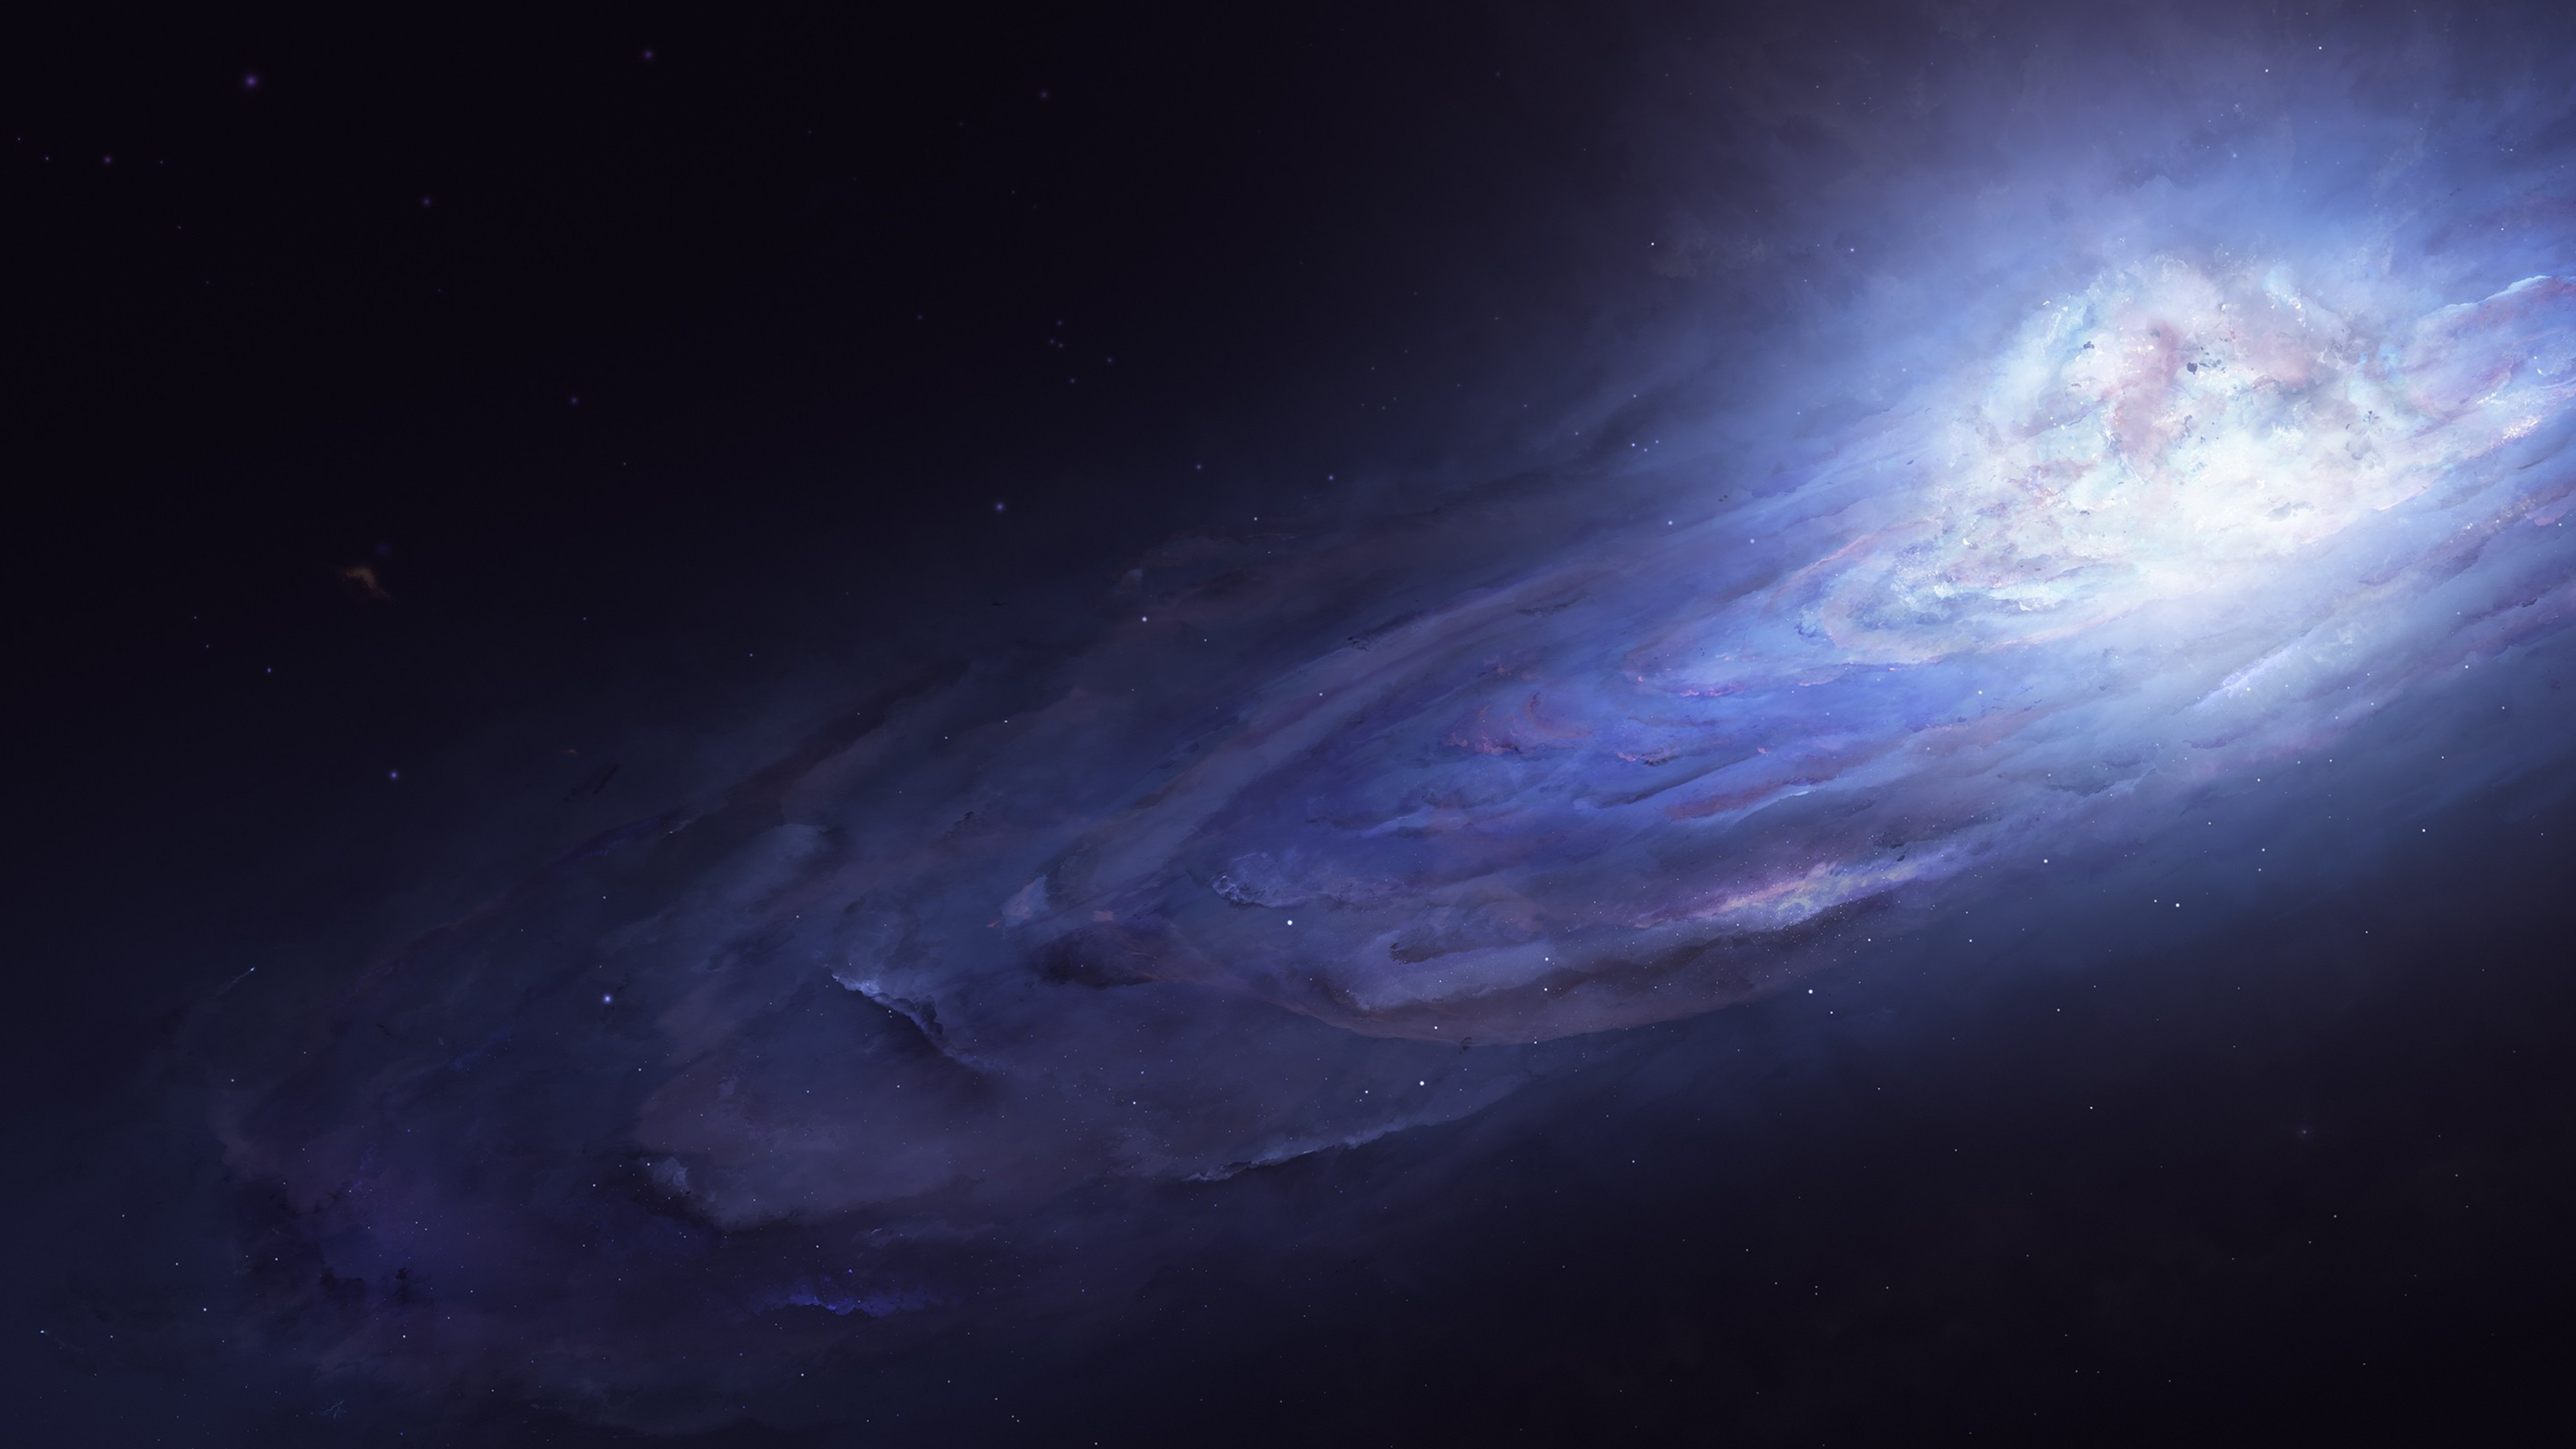 andromeda galaxy 4k 1546278819 - Andromeda Galaxy 4k - galaxy wallpapers, digital universe wallpapers, digital art wallpapers, artist wallpapers